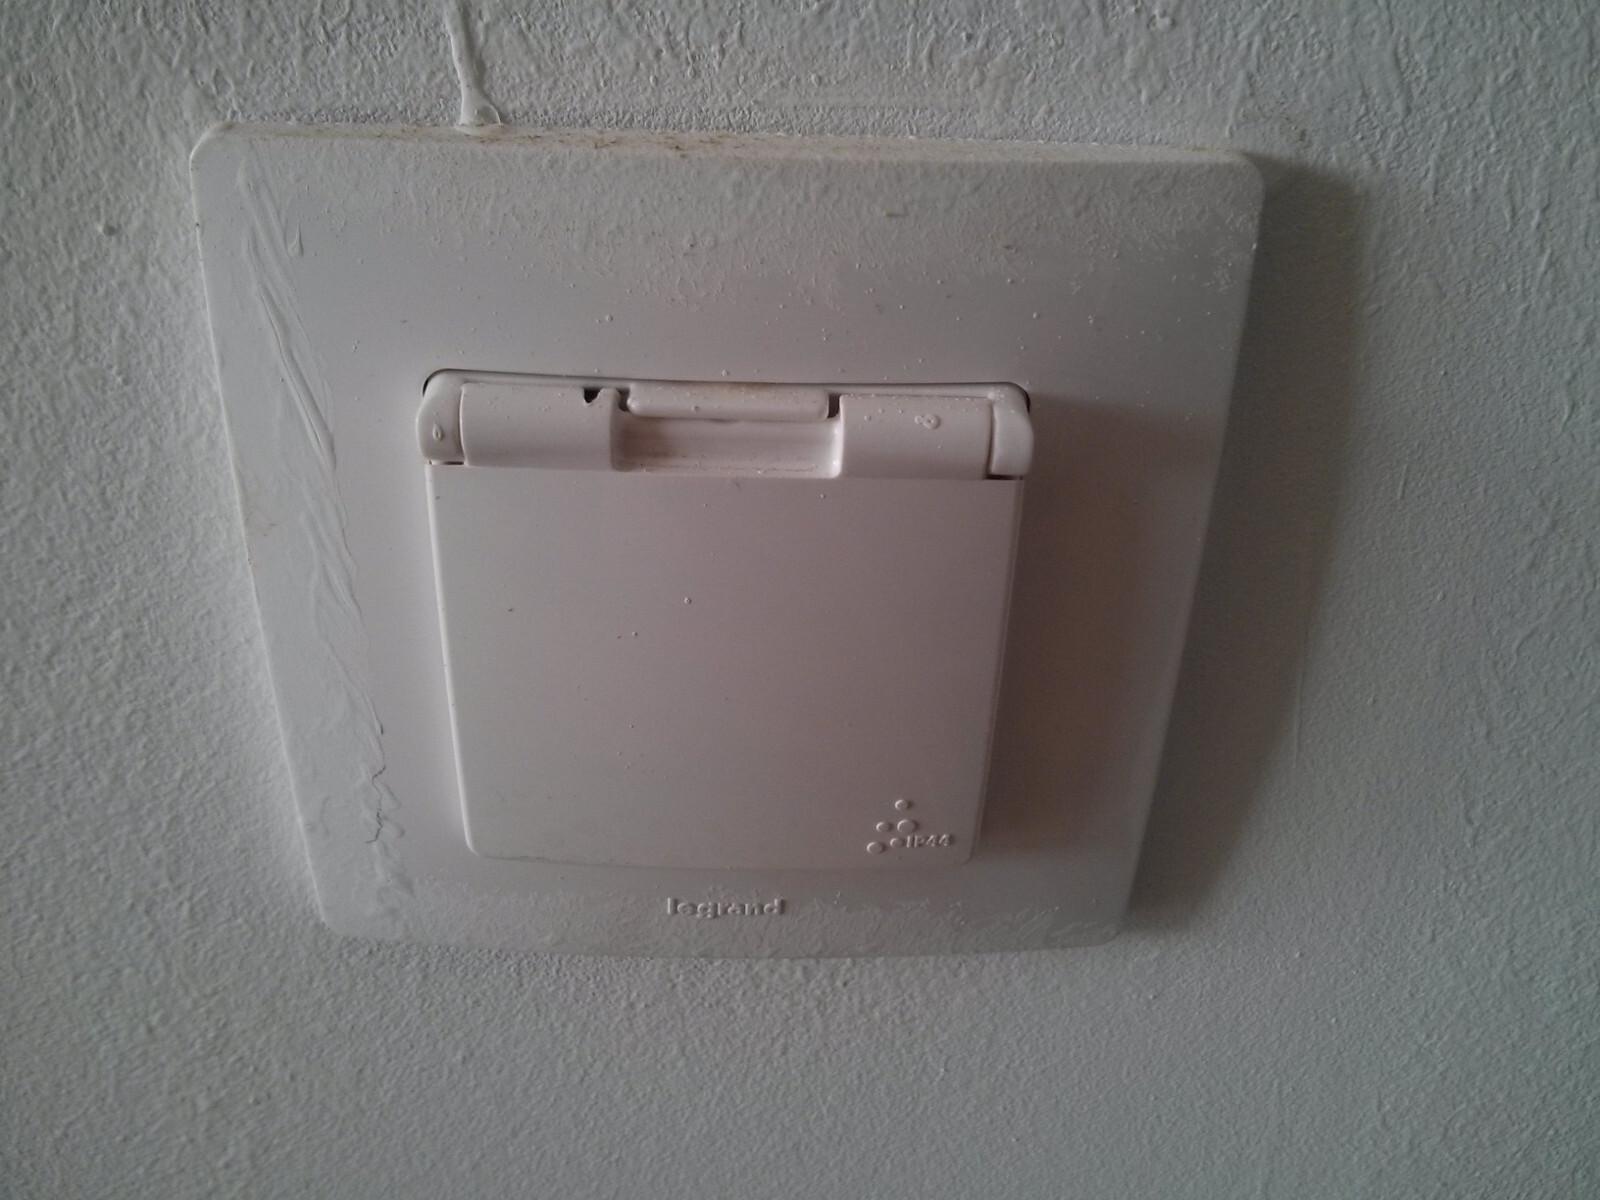 Opinie o mieszkaniach od dewelopera Budimex - zabrudzone gniazdka elektryczne